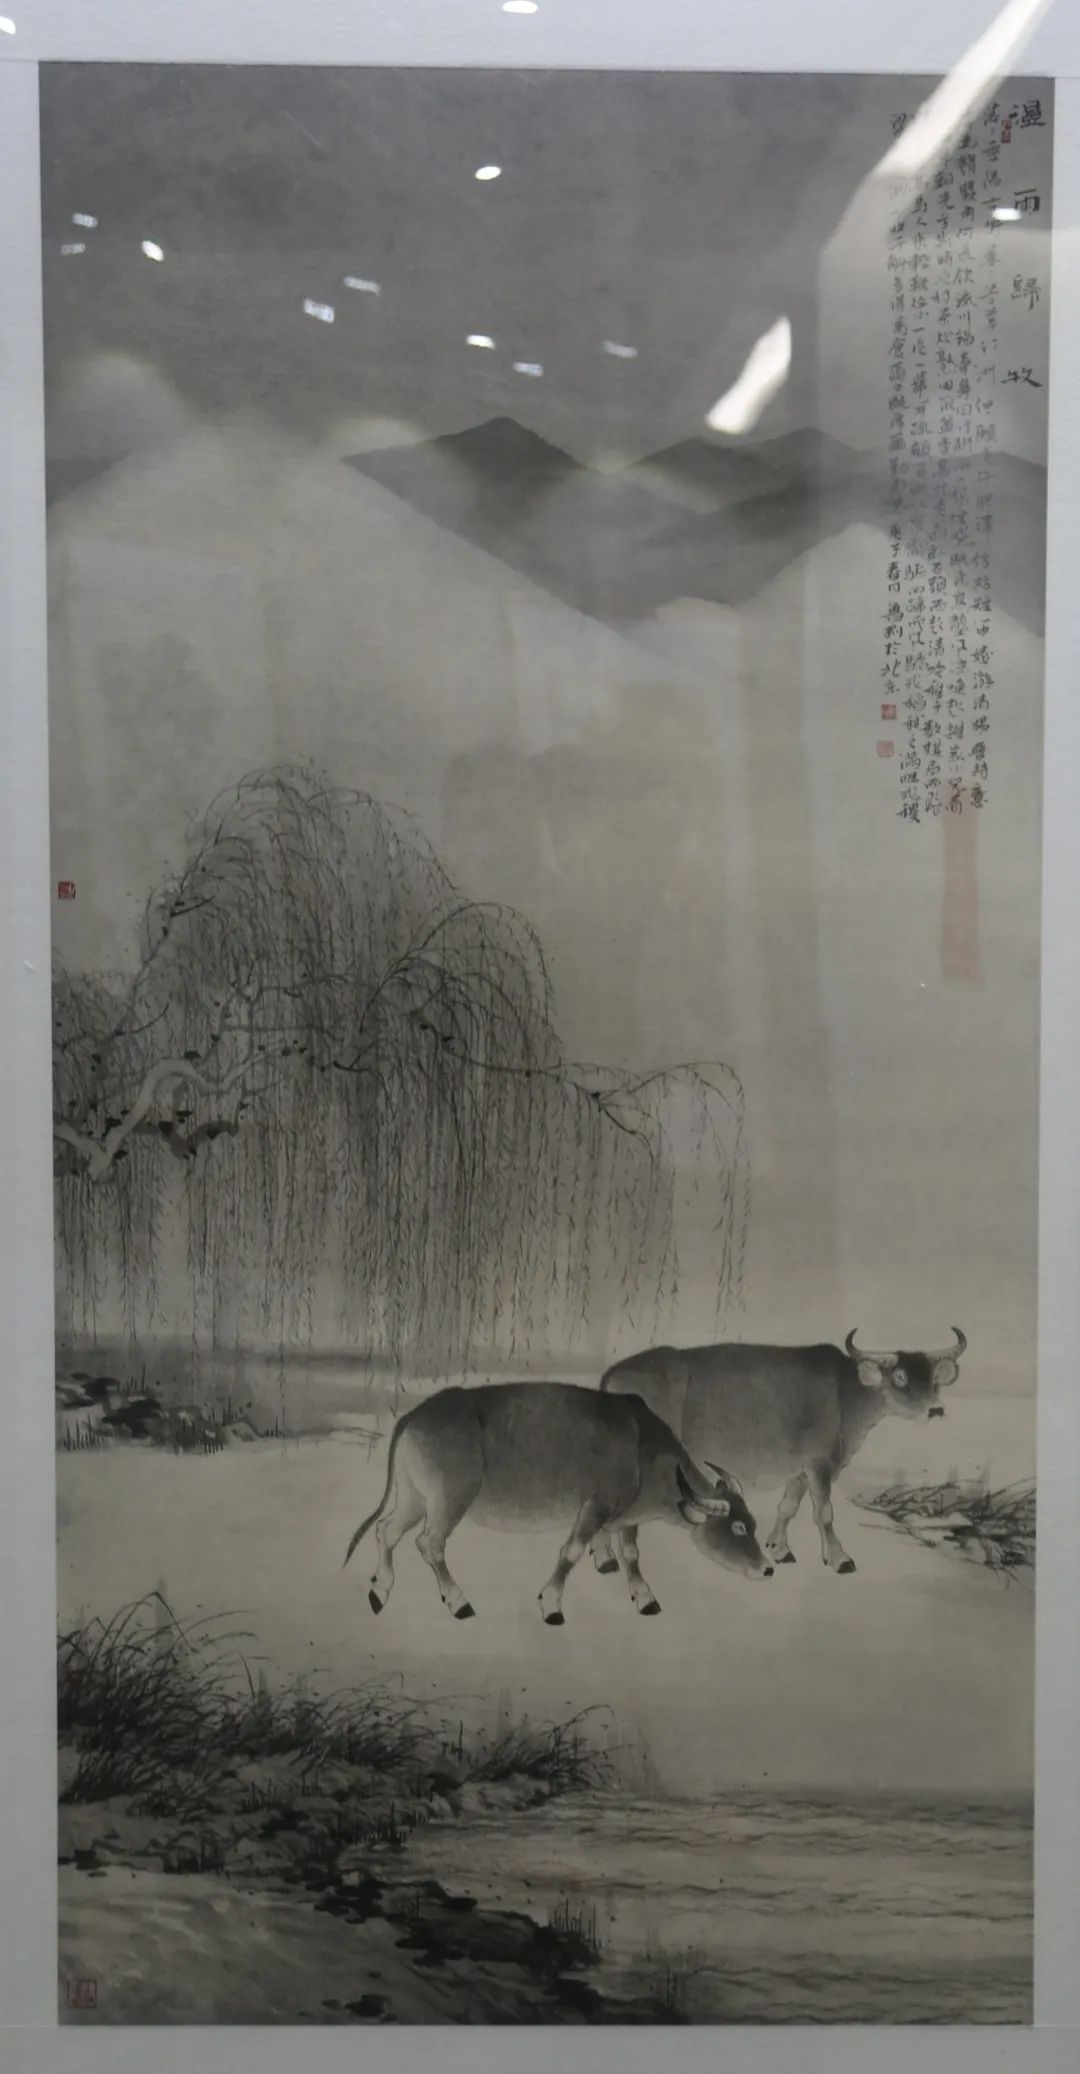 传承红色文化 携手共迎小康 苏皖两省六市书画展在蚌埠开幕(图9)